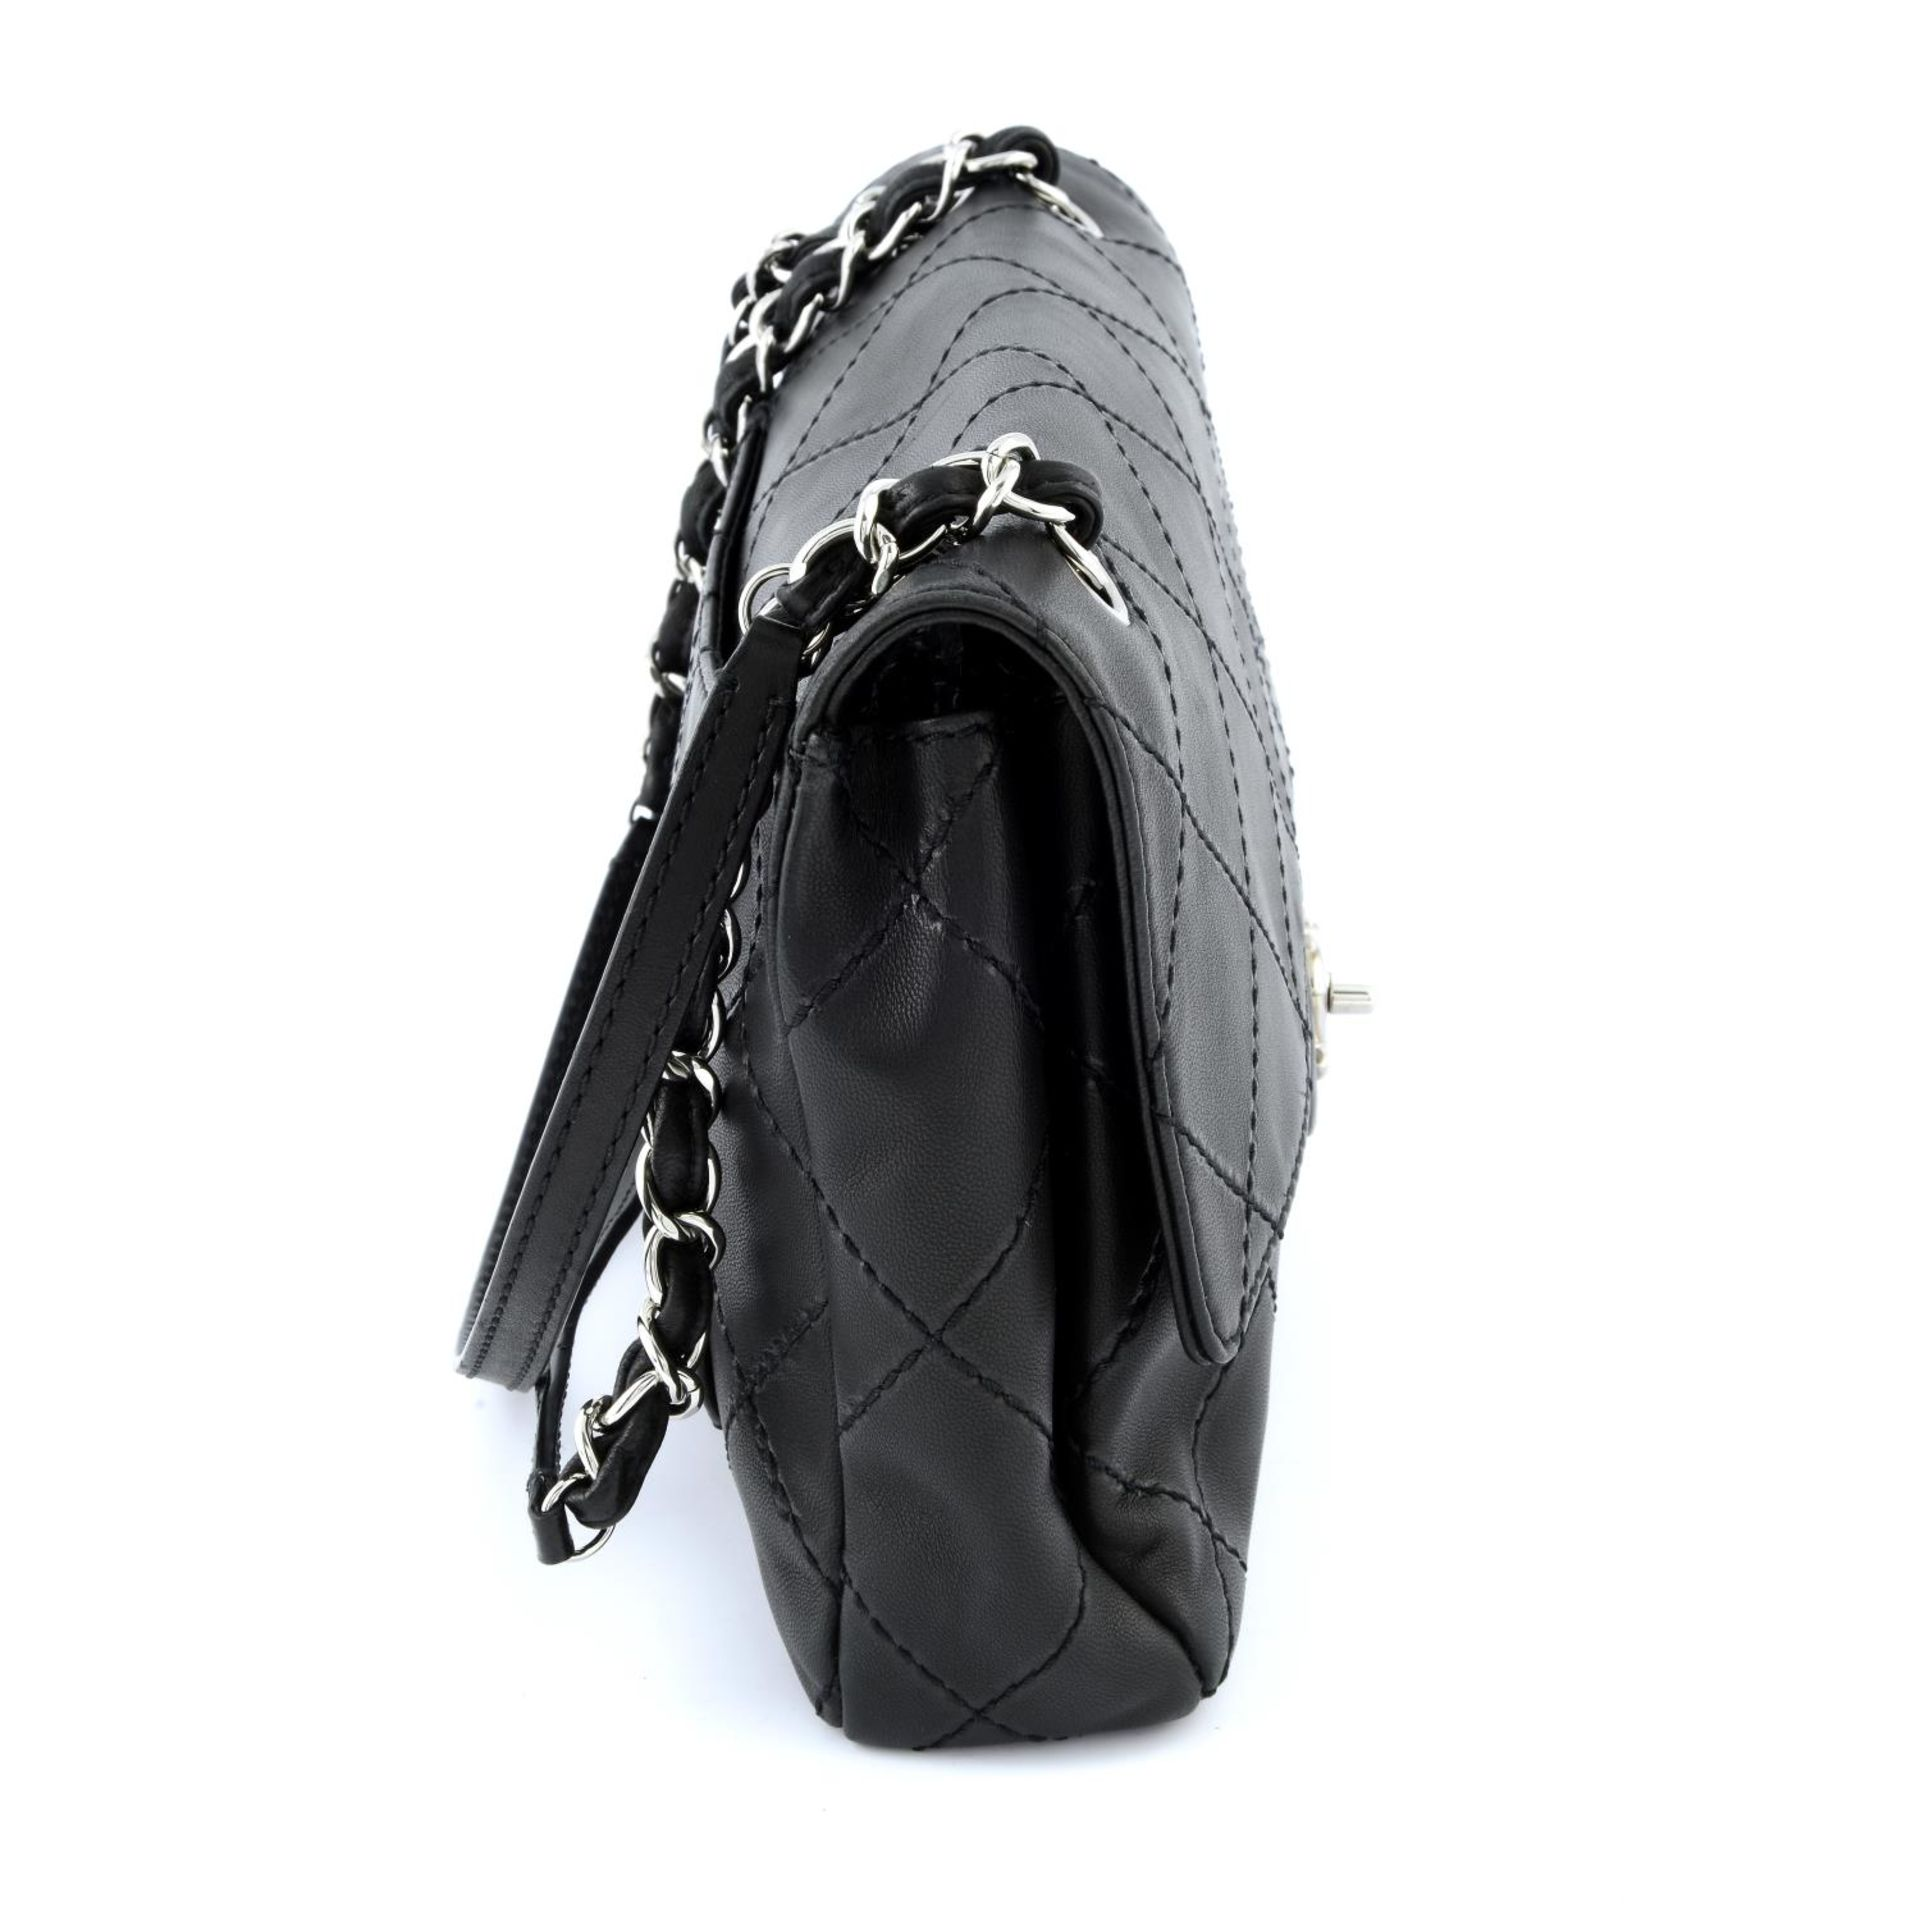 CHANEL - a maxi single flap handbag. - Image 3 of 5